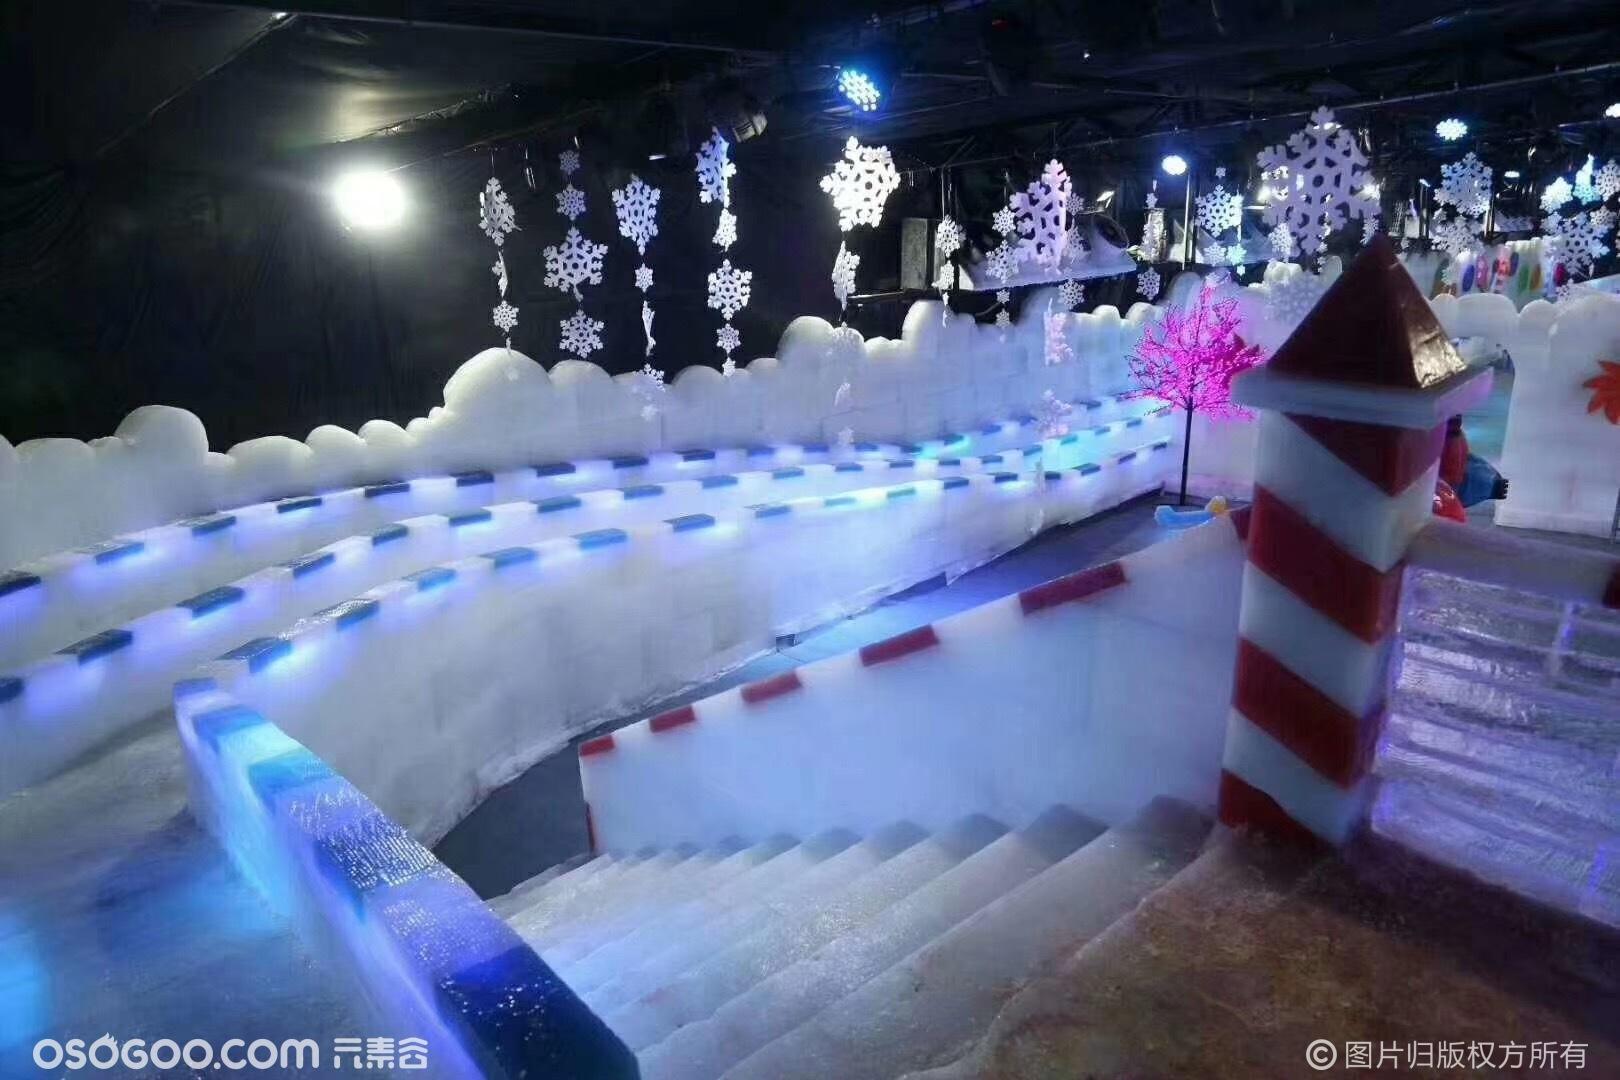 冰雪世界精品冰雕展出租高端冰雕展设计方案冰雕展租赁